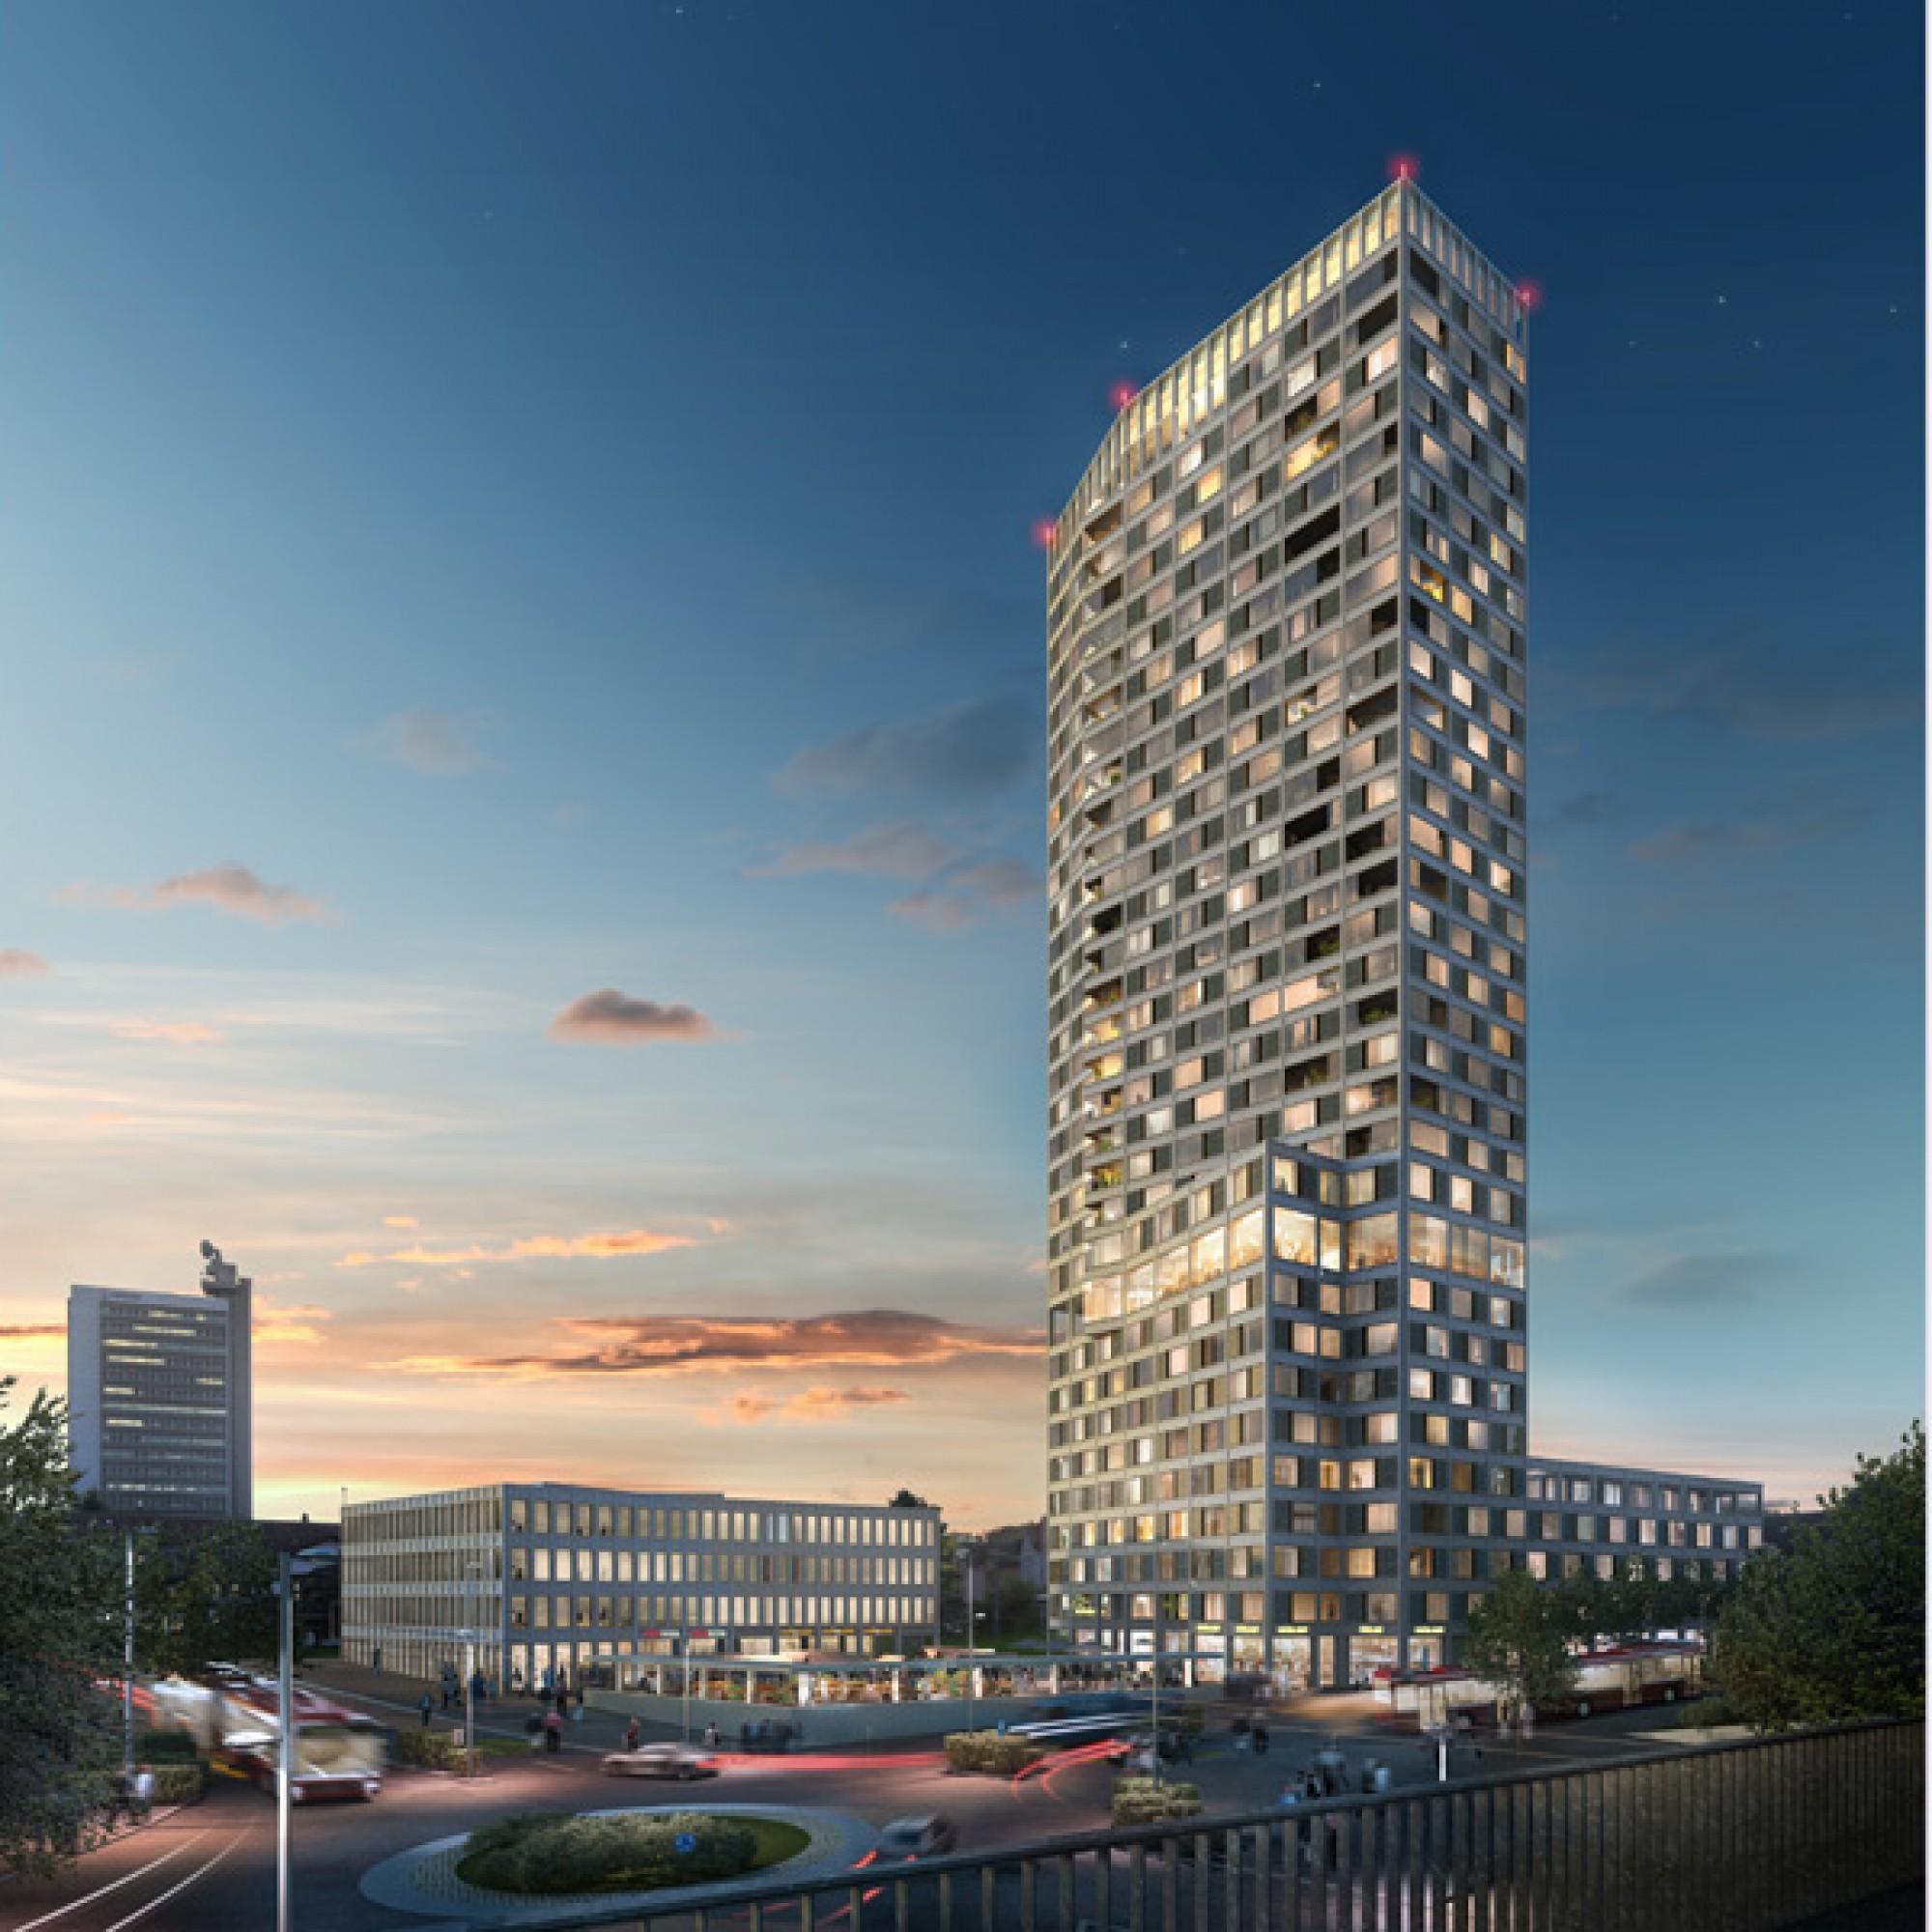 Das Ostermundiger Hochhaus soll das neue Wahrzeichen der Agglomerationsgemeinde werden und auf die ganze Region ausstrahlen. (Visualisierungen zvg)